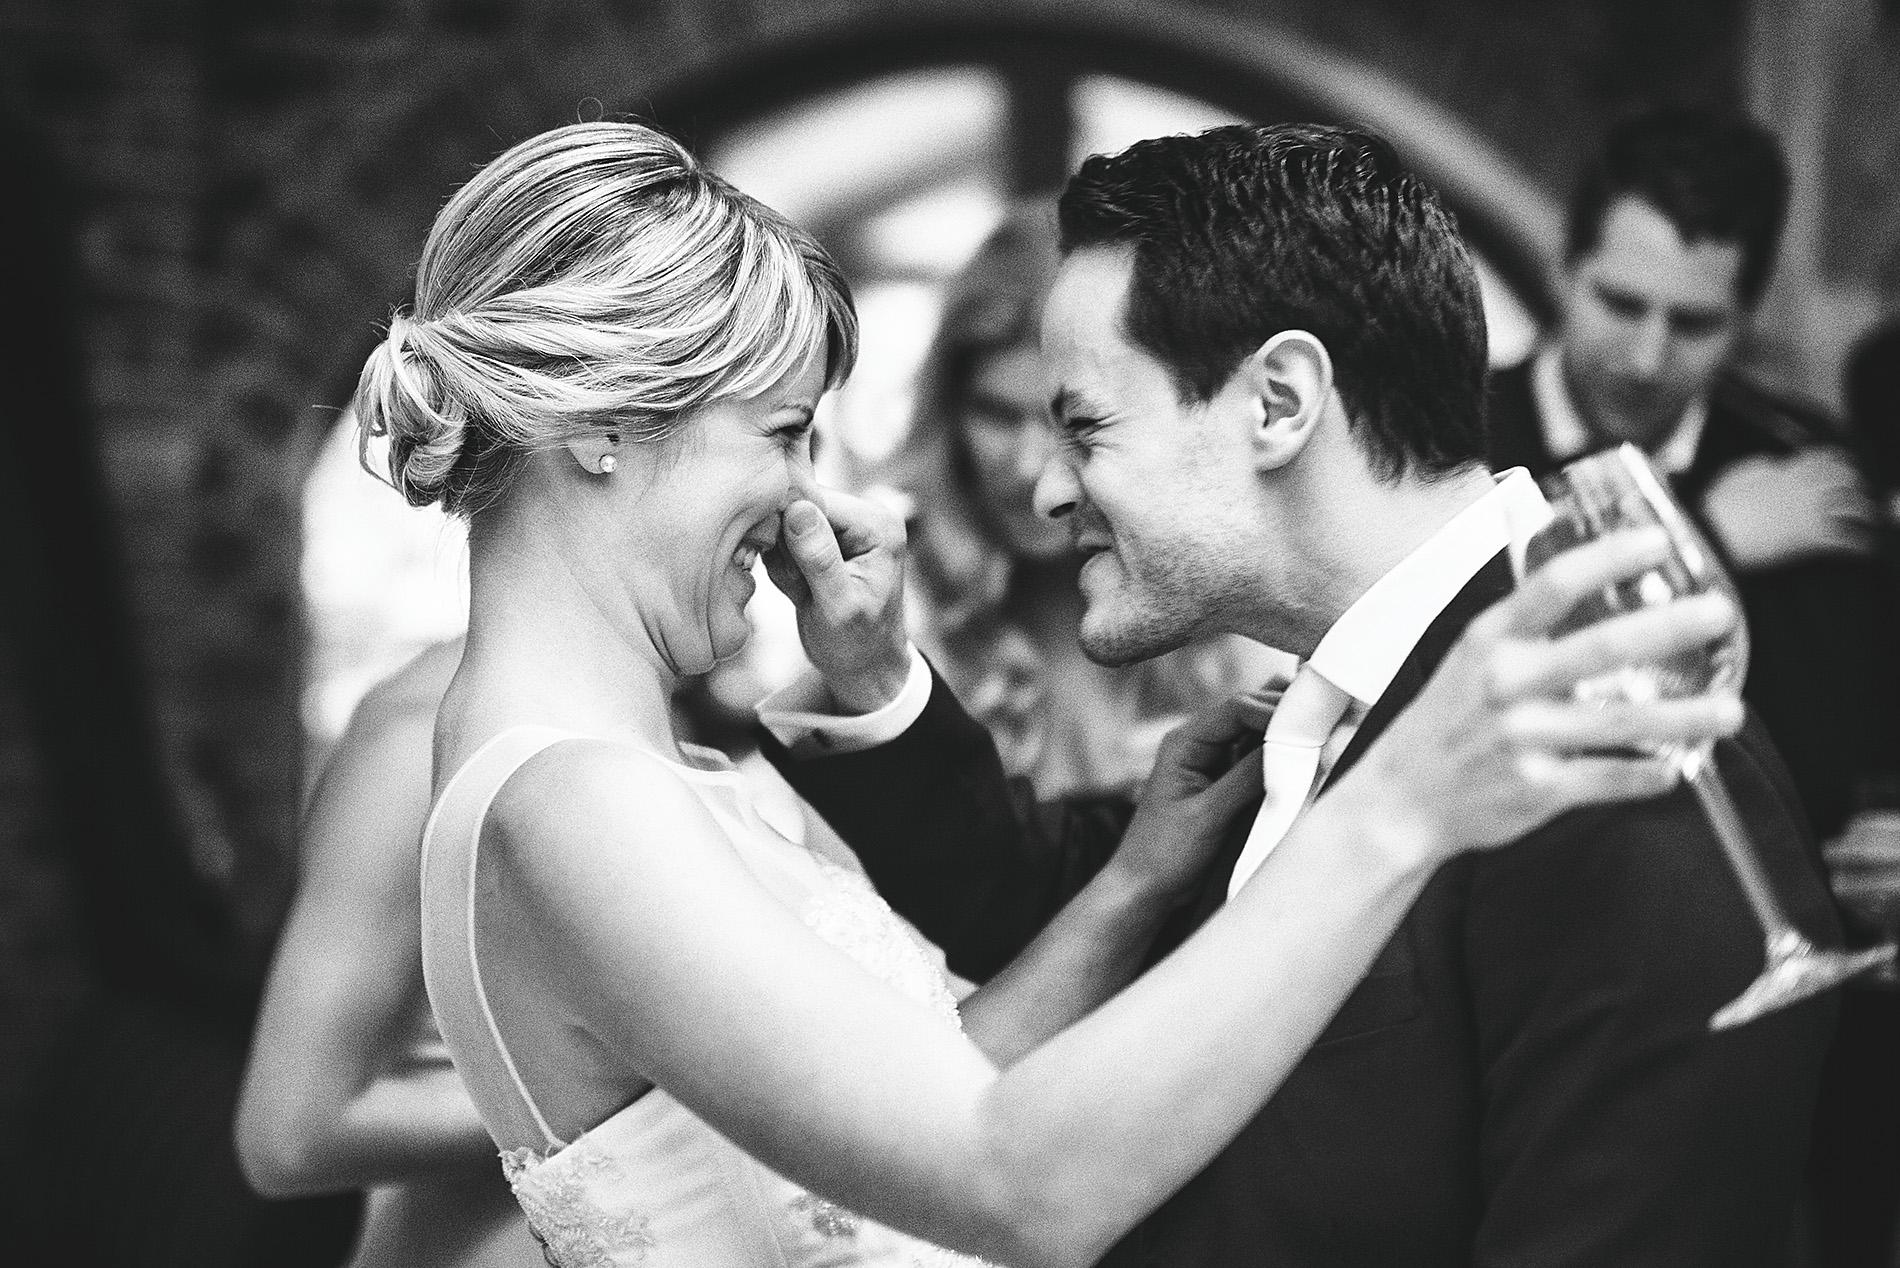 svatební fotografie - Farma Michael